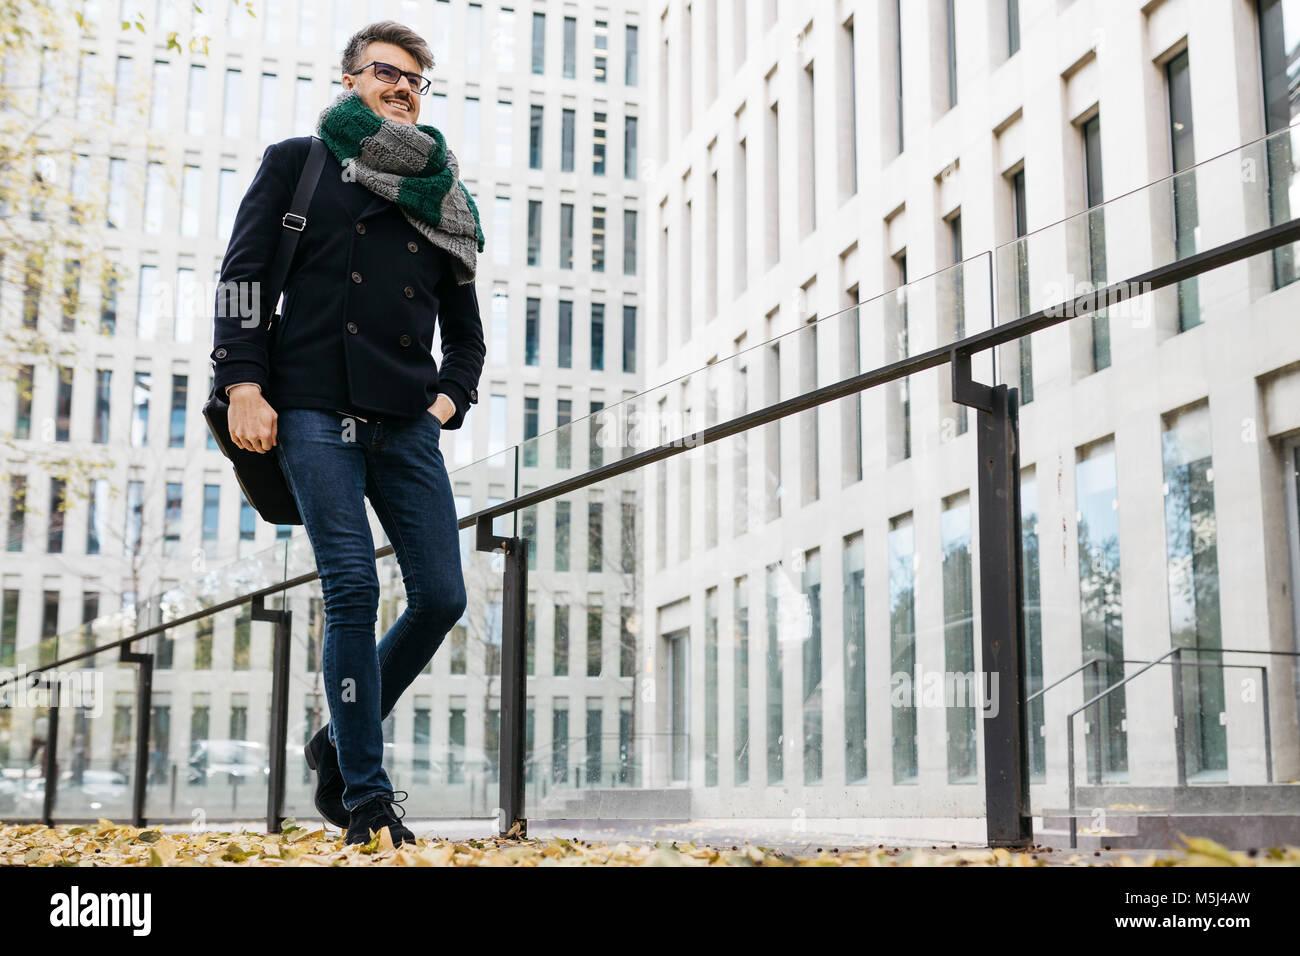 Content businessman walking dans la ville à l'automne Photo Stock